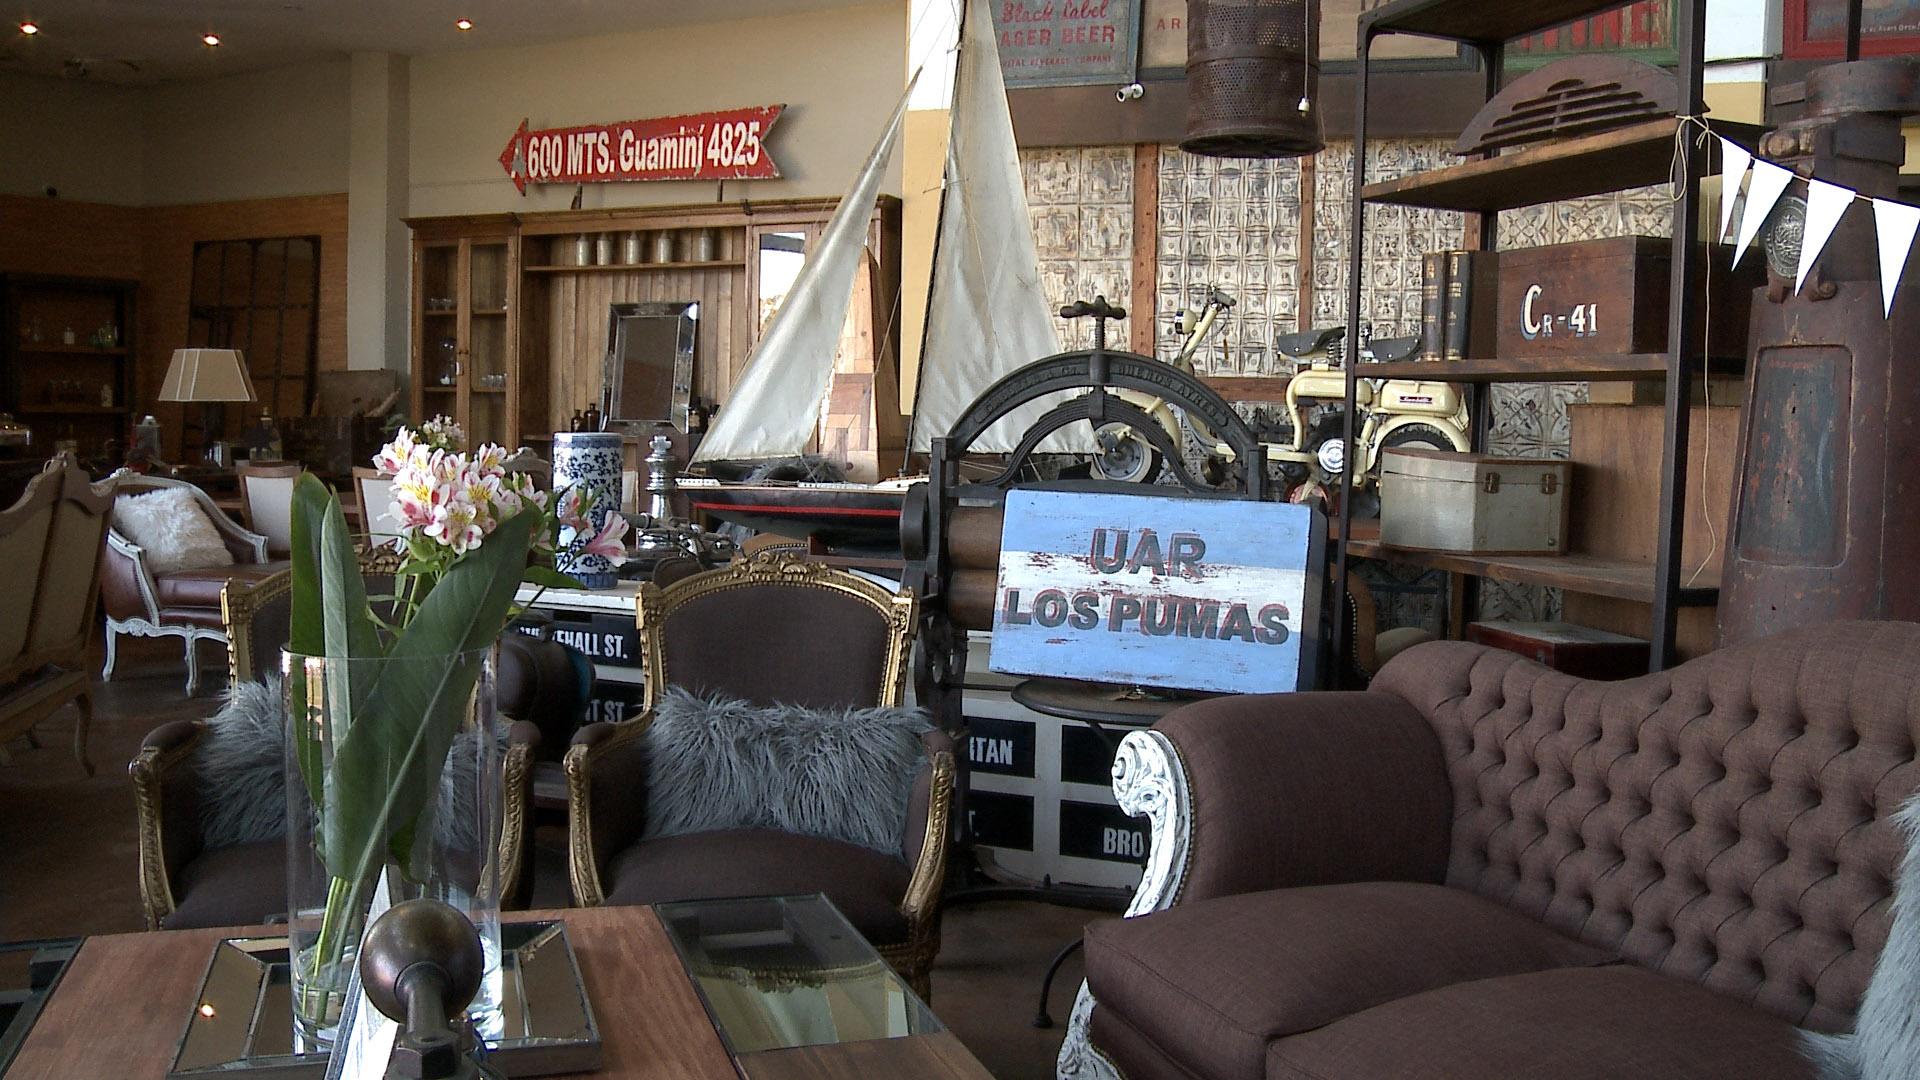 Sillones rústicos con almohadones de piel modernos, mesas de vidrio en mix con maderas. Carteles con mensajes, frases e indicaciones al estilo vintage que son adquiridos por los argentinos para decorar los ambientes de los hogares